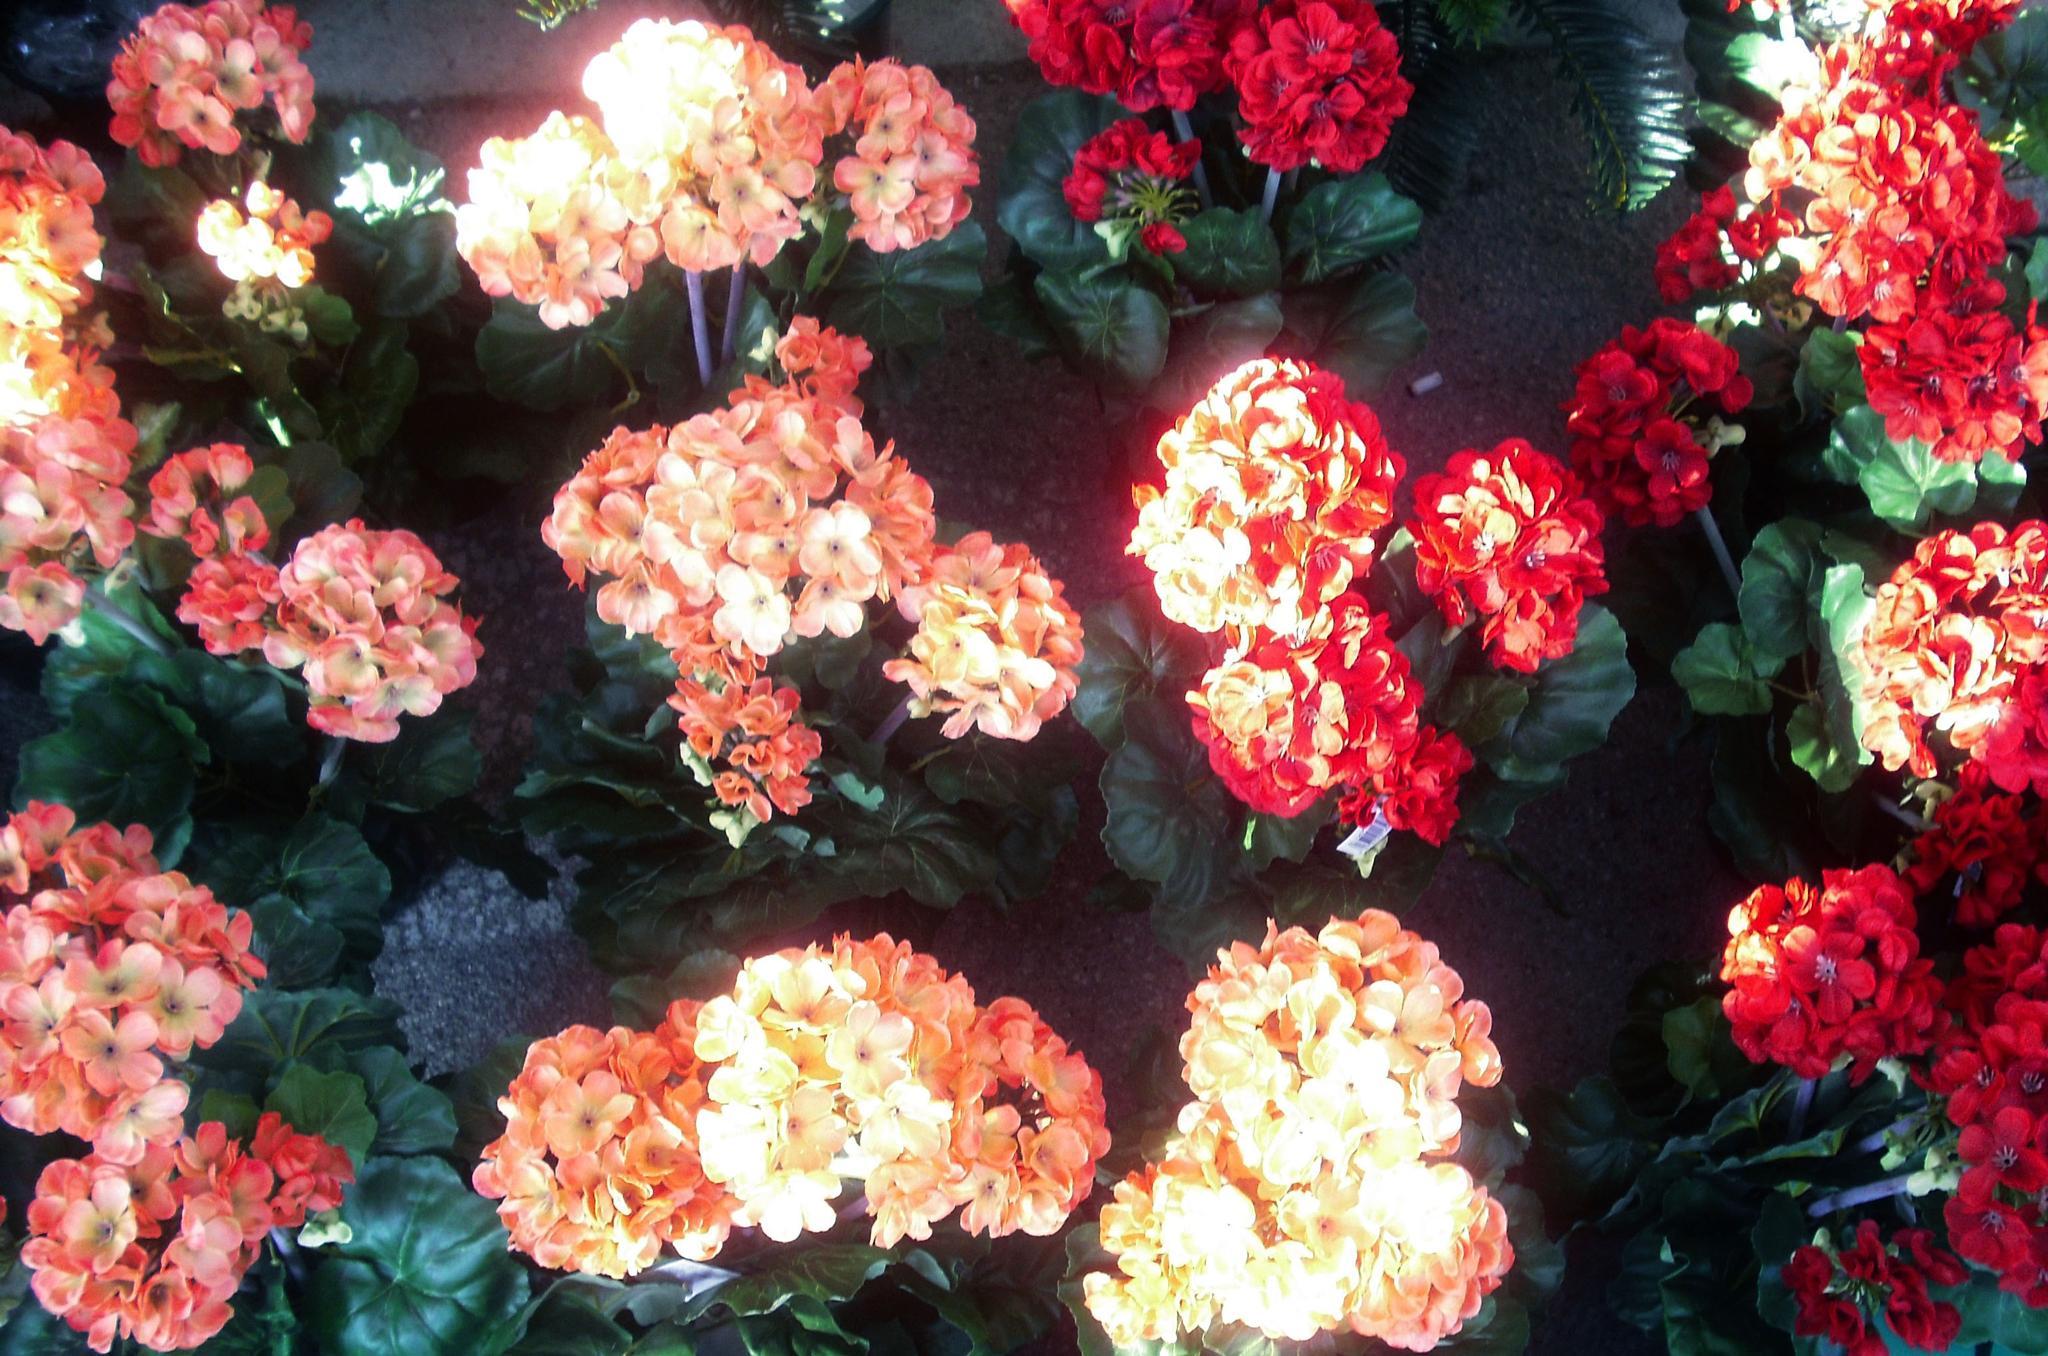 Flowers by Massimo Onetti Muda